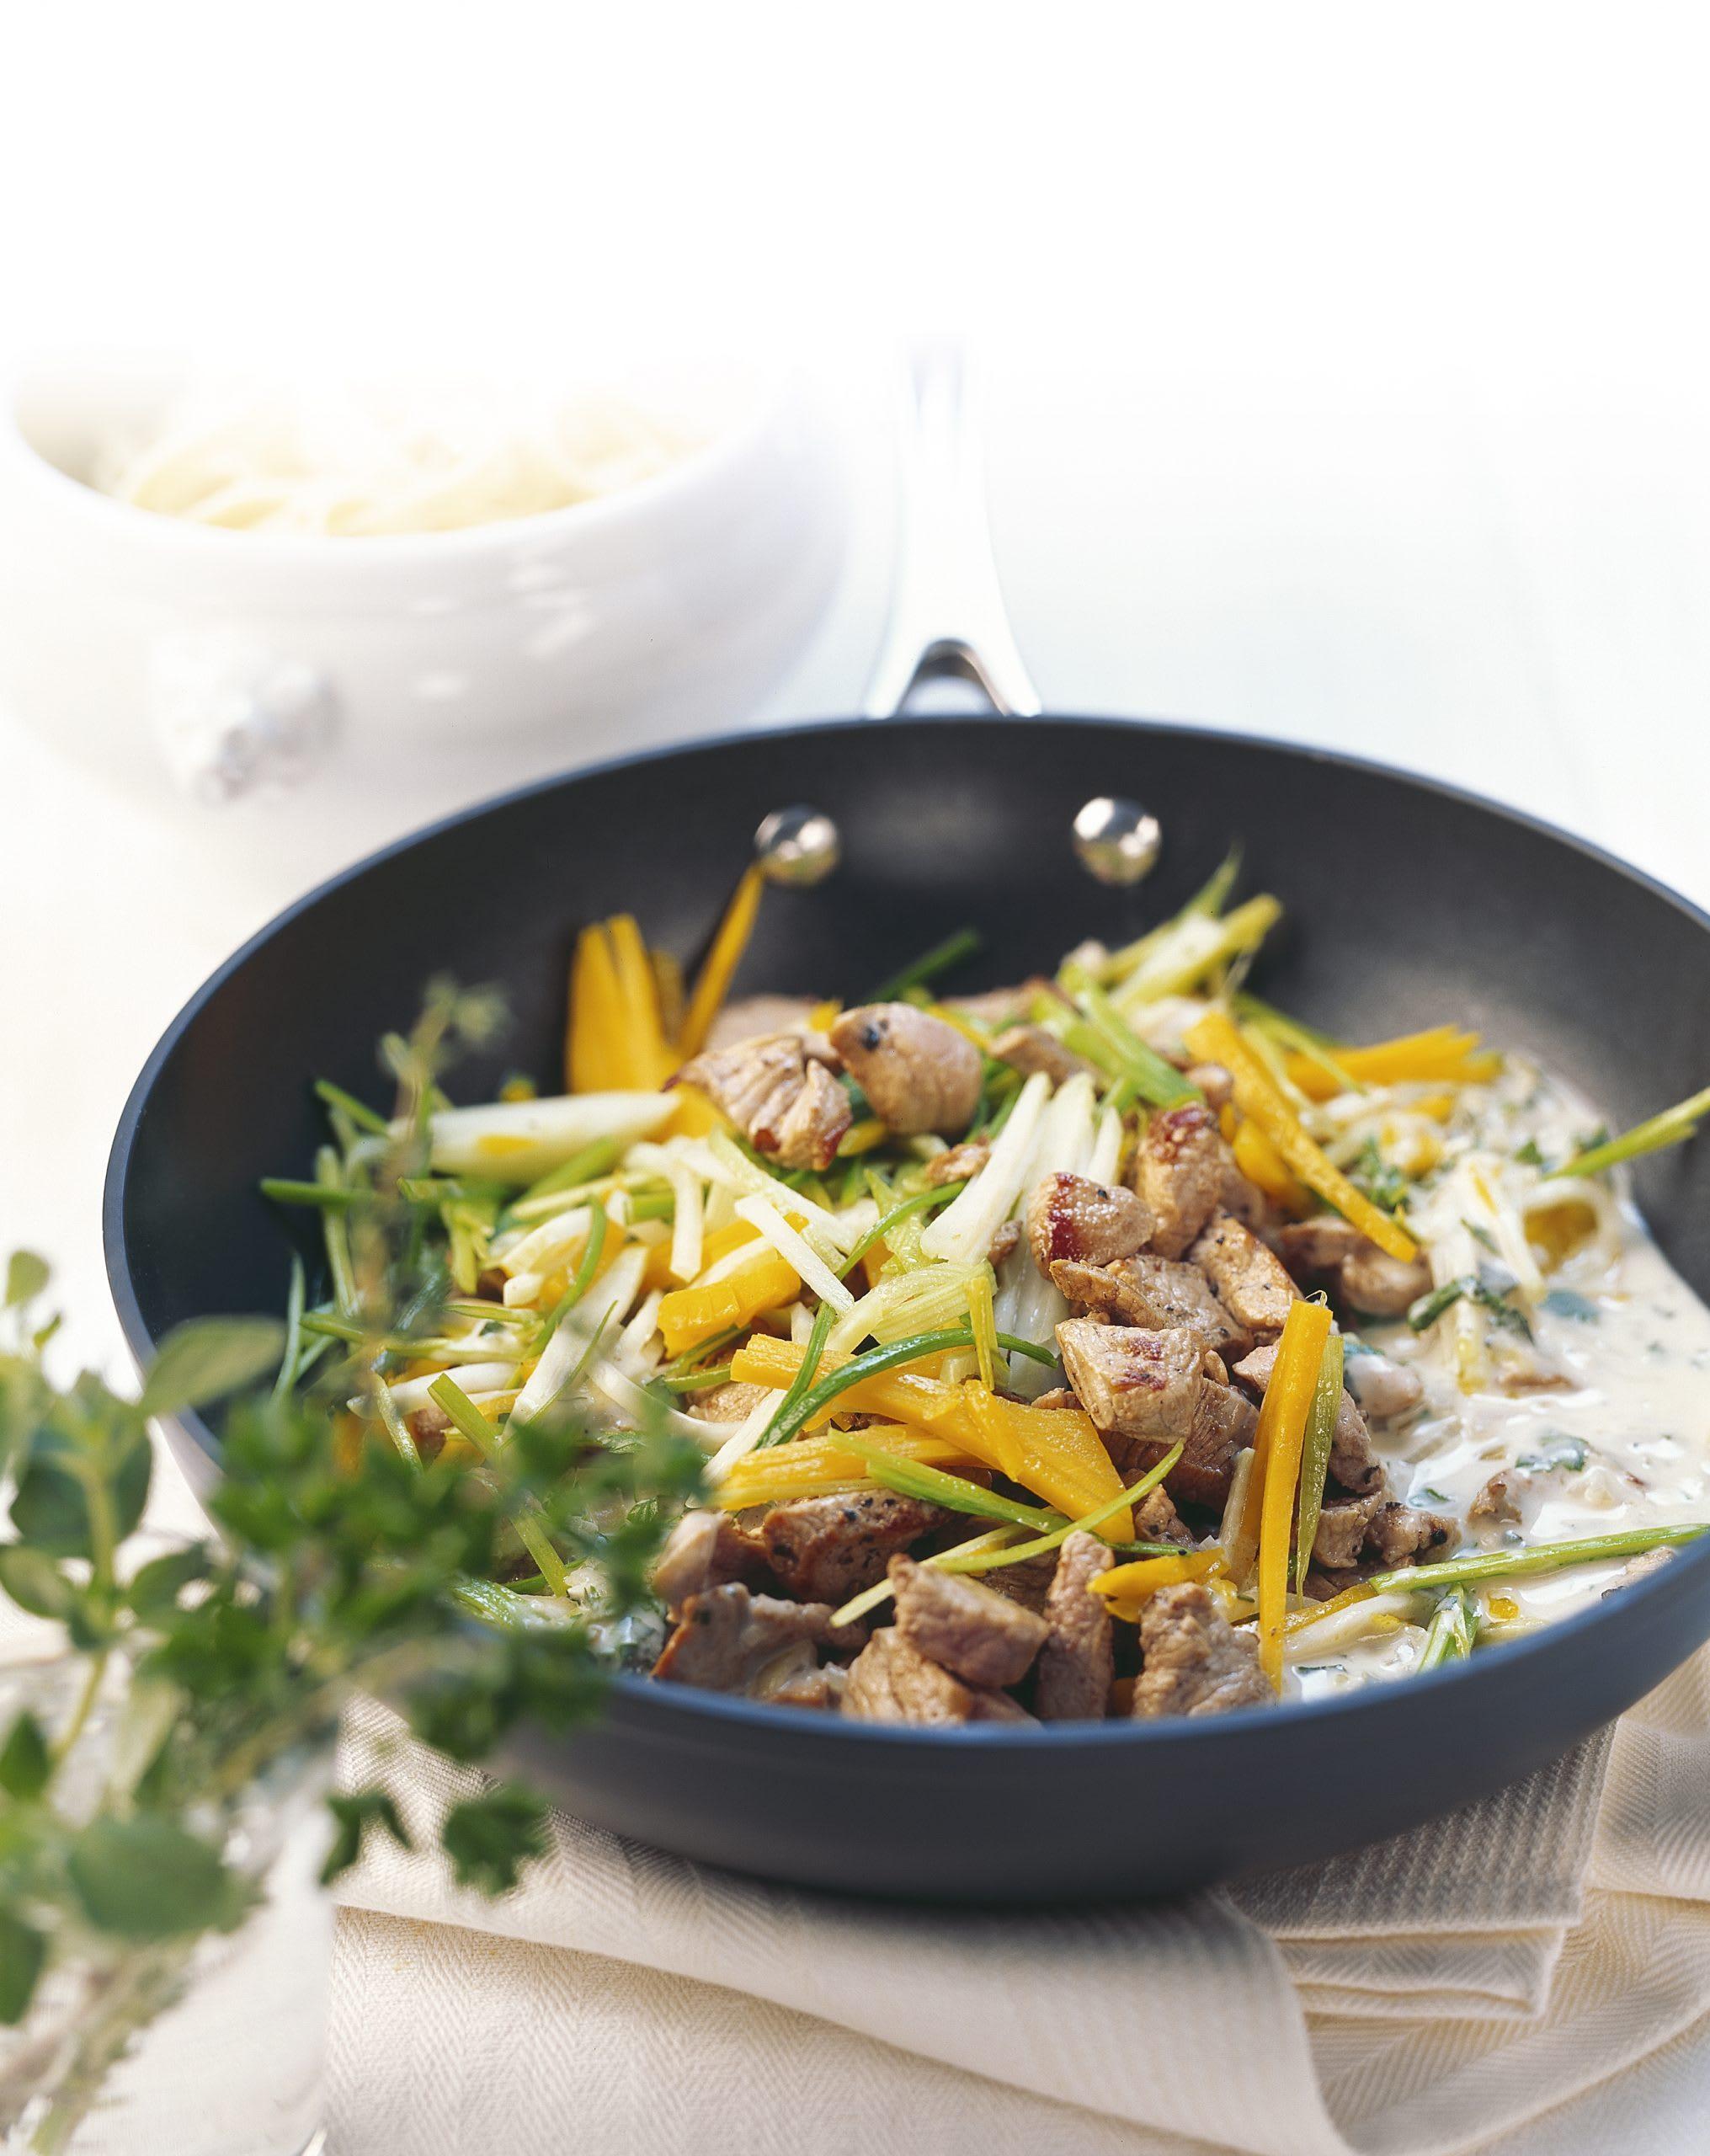 Kalbsgeschnetzeltes an Gemüse-Kräuter-Sauce